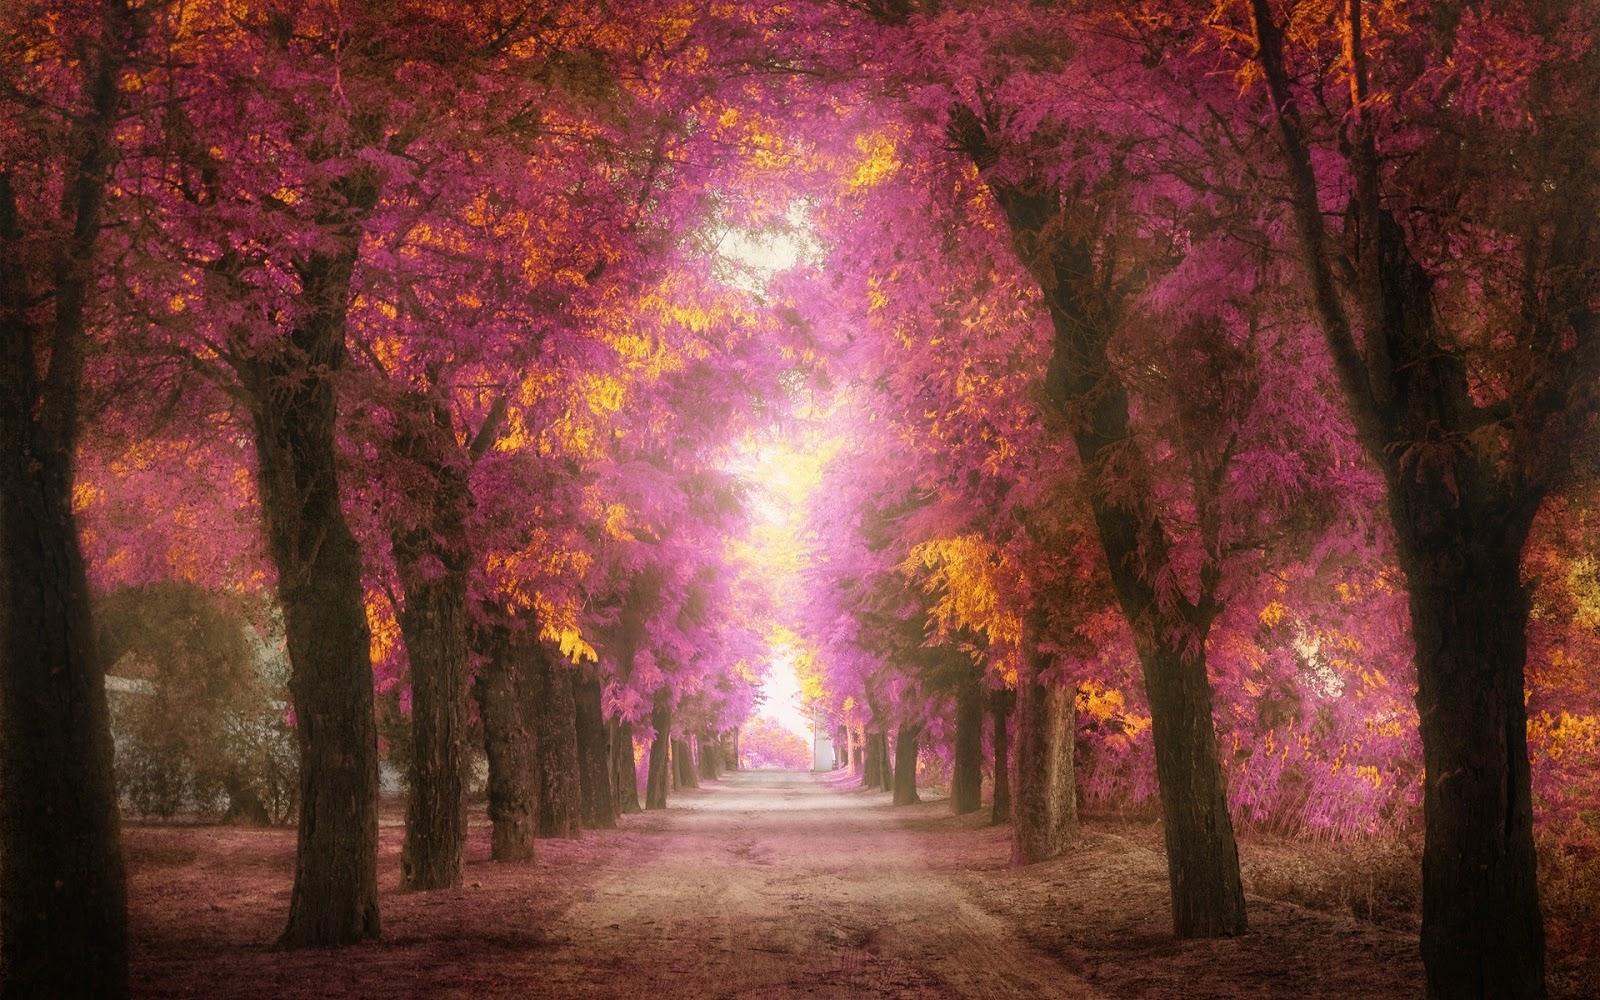 Romanticos Fondos De Pantalla: Imagenes Hilandy: Fondo De Pantalla Paisajes Camino Romantico